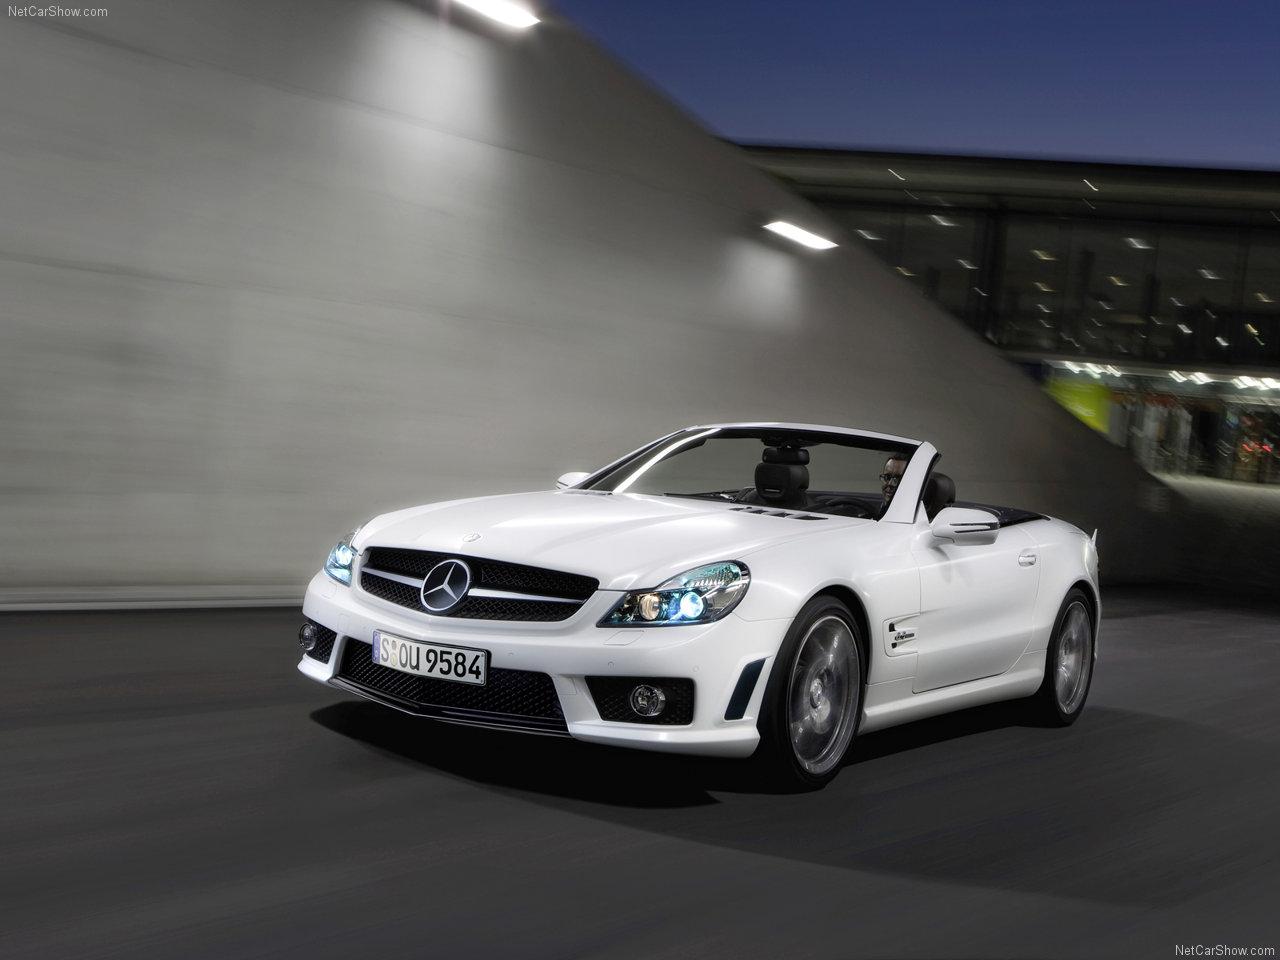 http://2.bp.blogspot.com/-EQUhErltCpM/TWYQhZCYyDI/AAAAAAACLDM/ZueCOFulvIM/s1600/Mercedes-Benz-SL_63_AMG_Edition_IWC_2009_1280x960_wallpaper_03.jpg